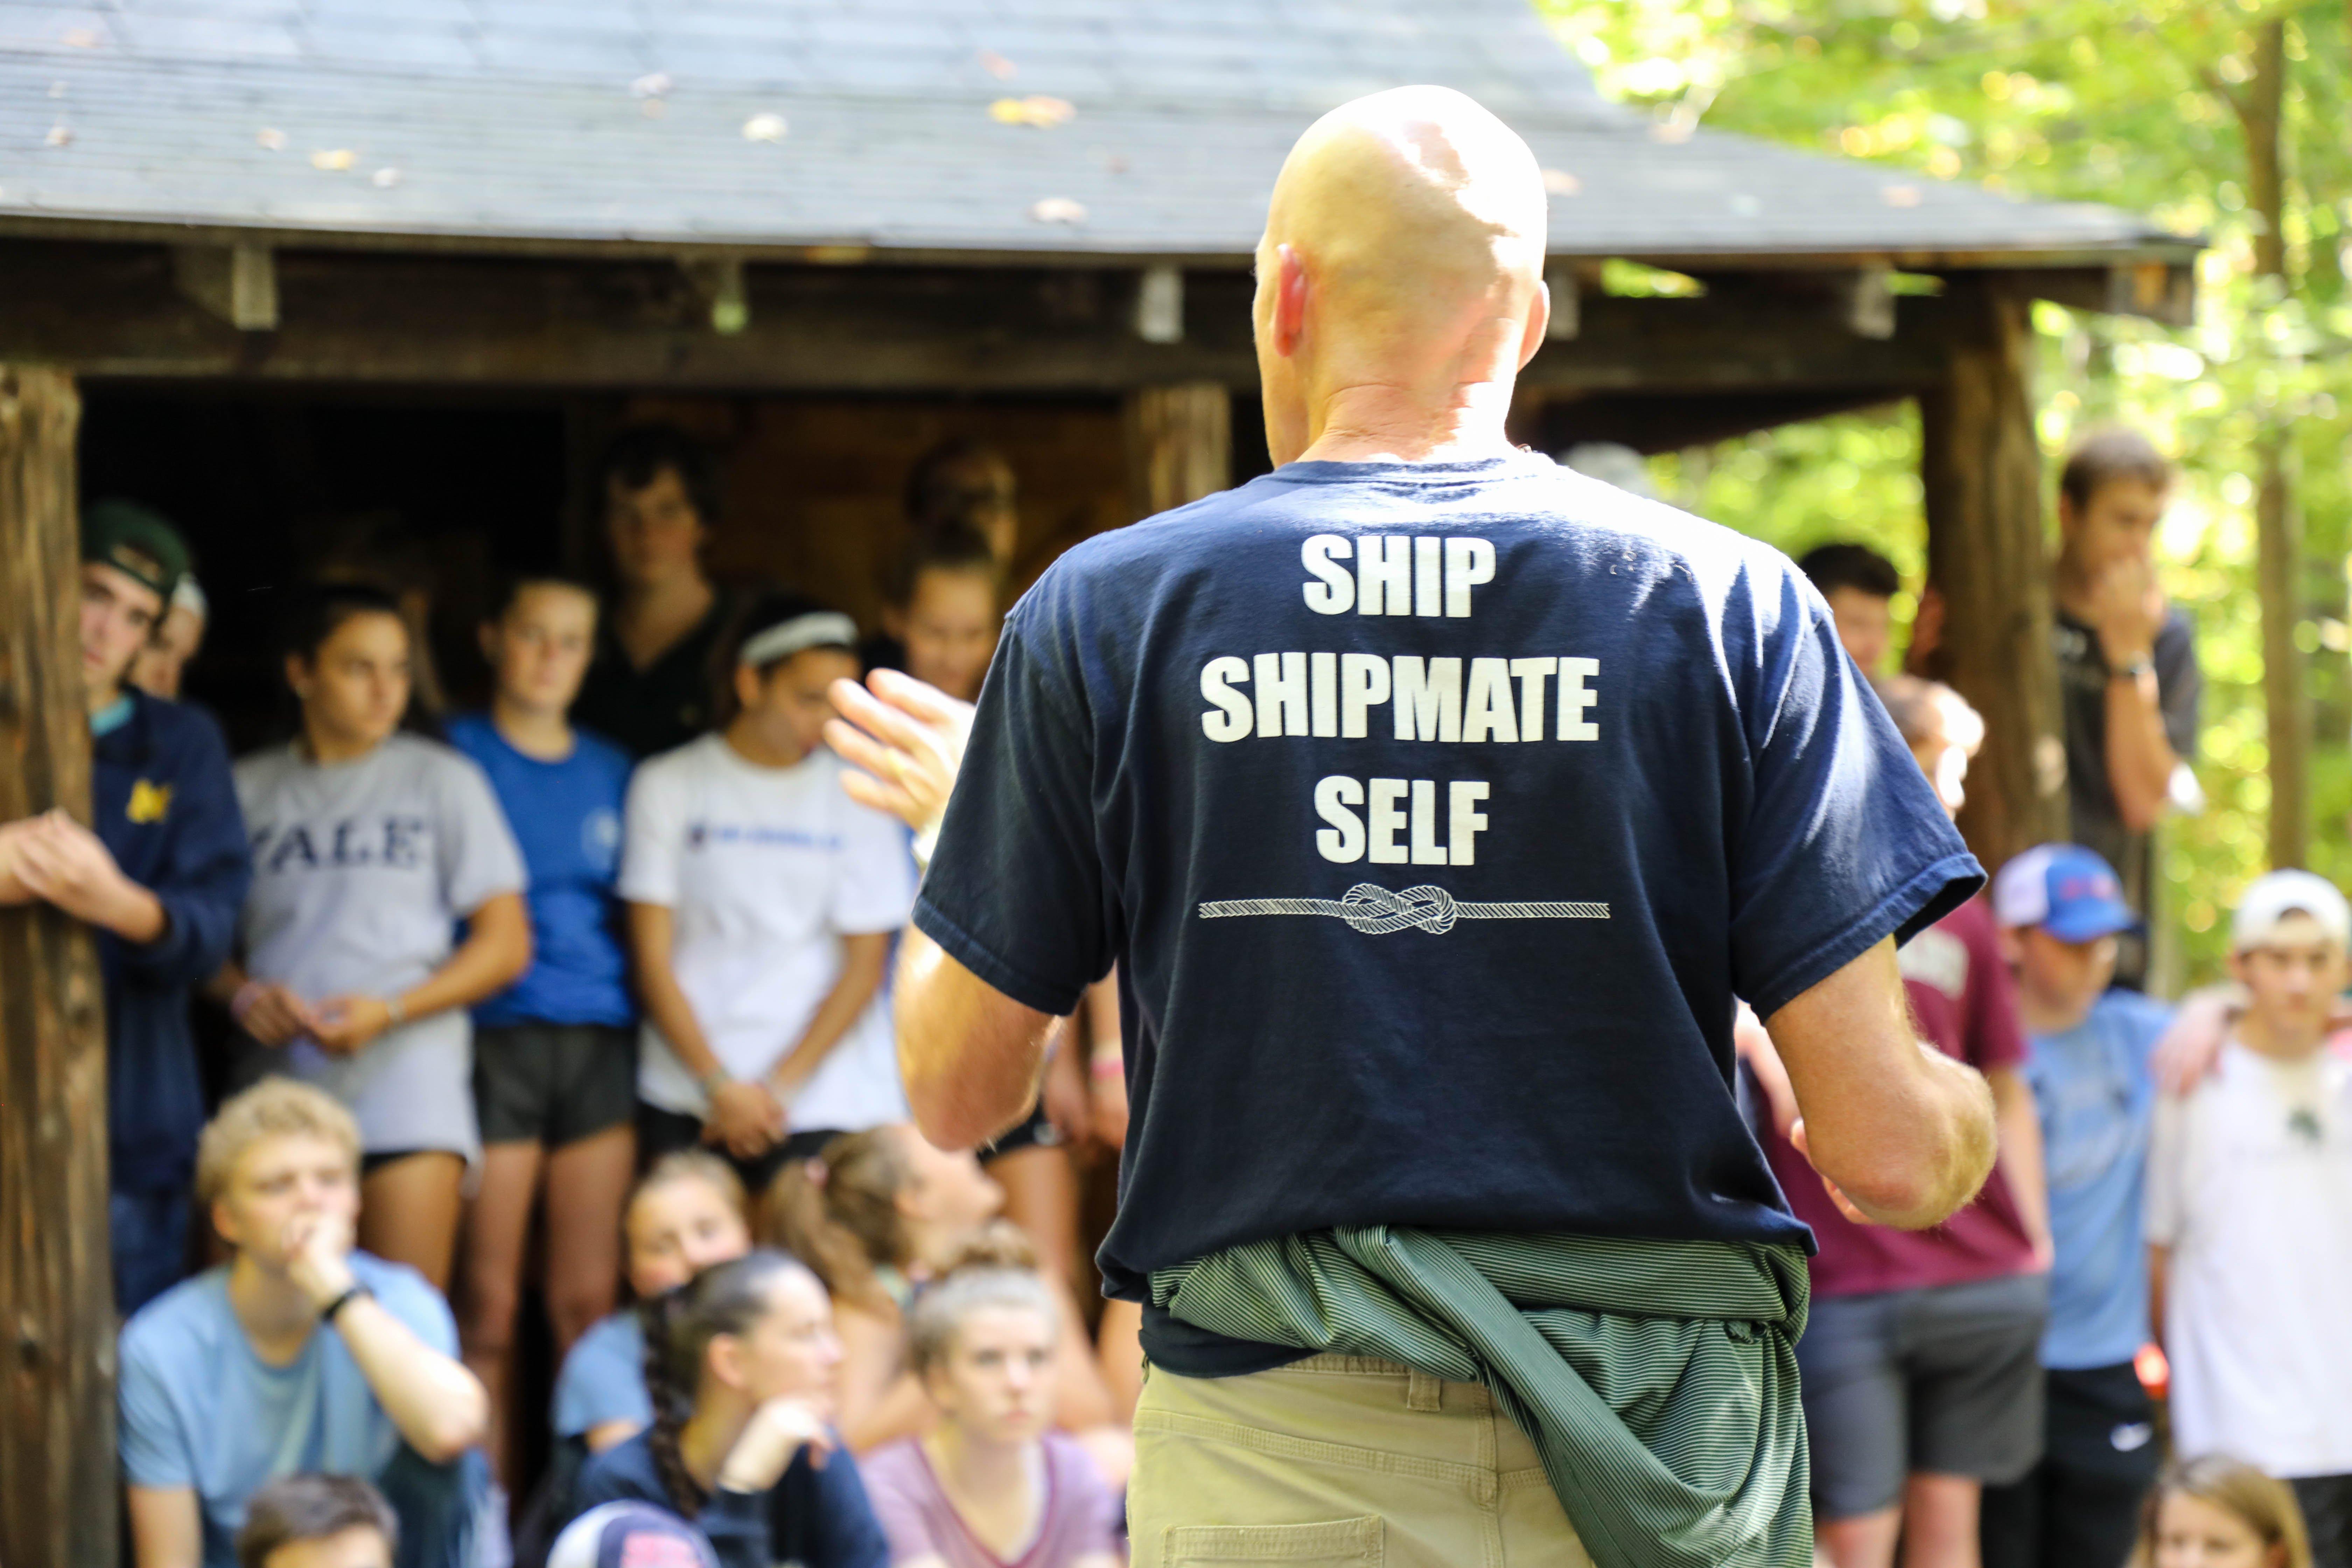 Ship Shipmate Self